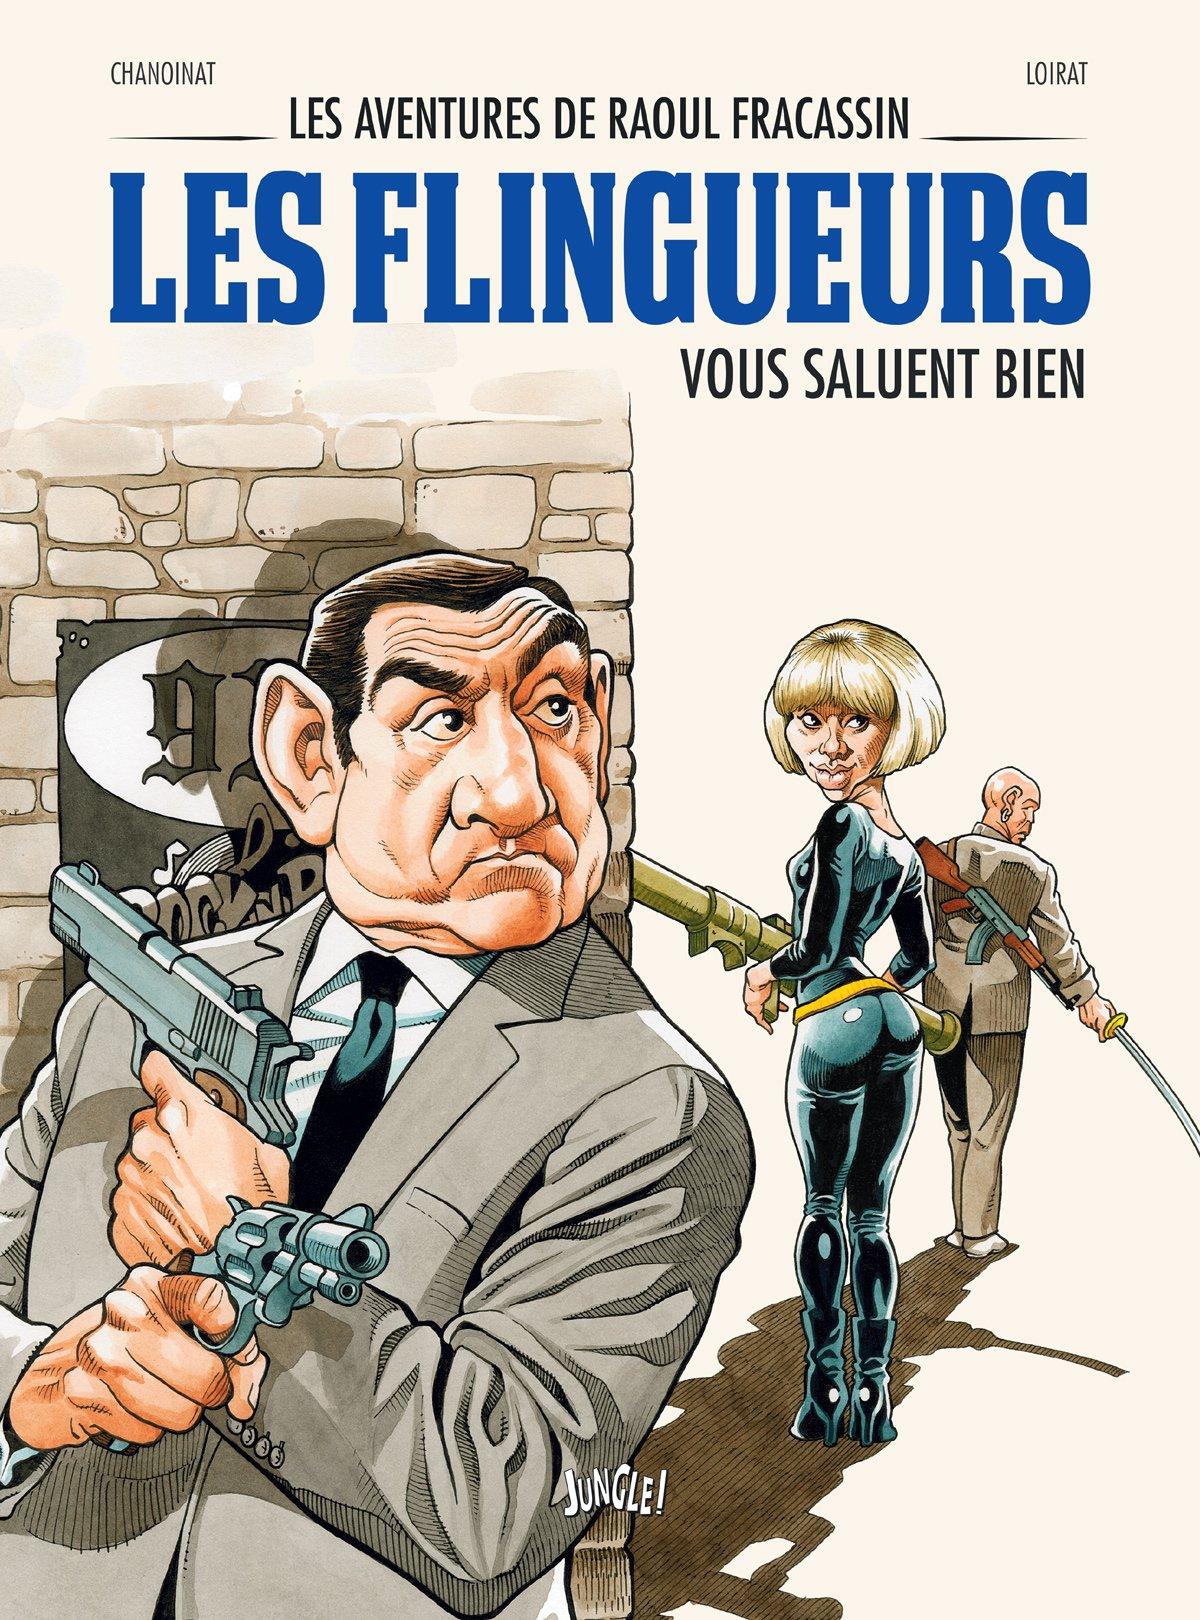 Les aventures de Raoul Fracassin, Tome 2 : Les flingueurs Album – 25 novembre 2015 Philippe Chanoinat Loirat JUNGLE EDITIONS 2822212457